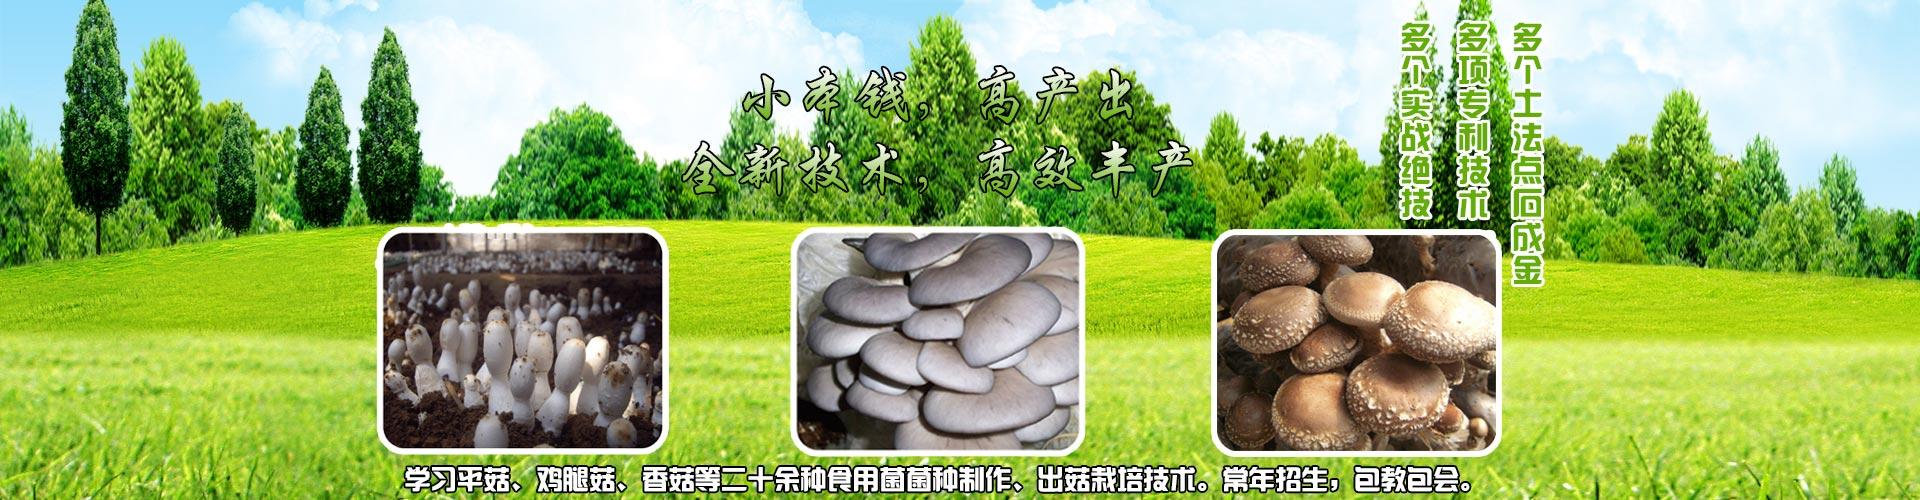 食用菌種植技術培訓|蘑菇種植技術|致富技術培訓|阜陽菇豐食用菌科技有限公司